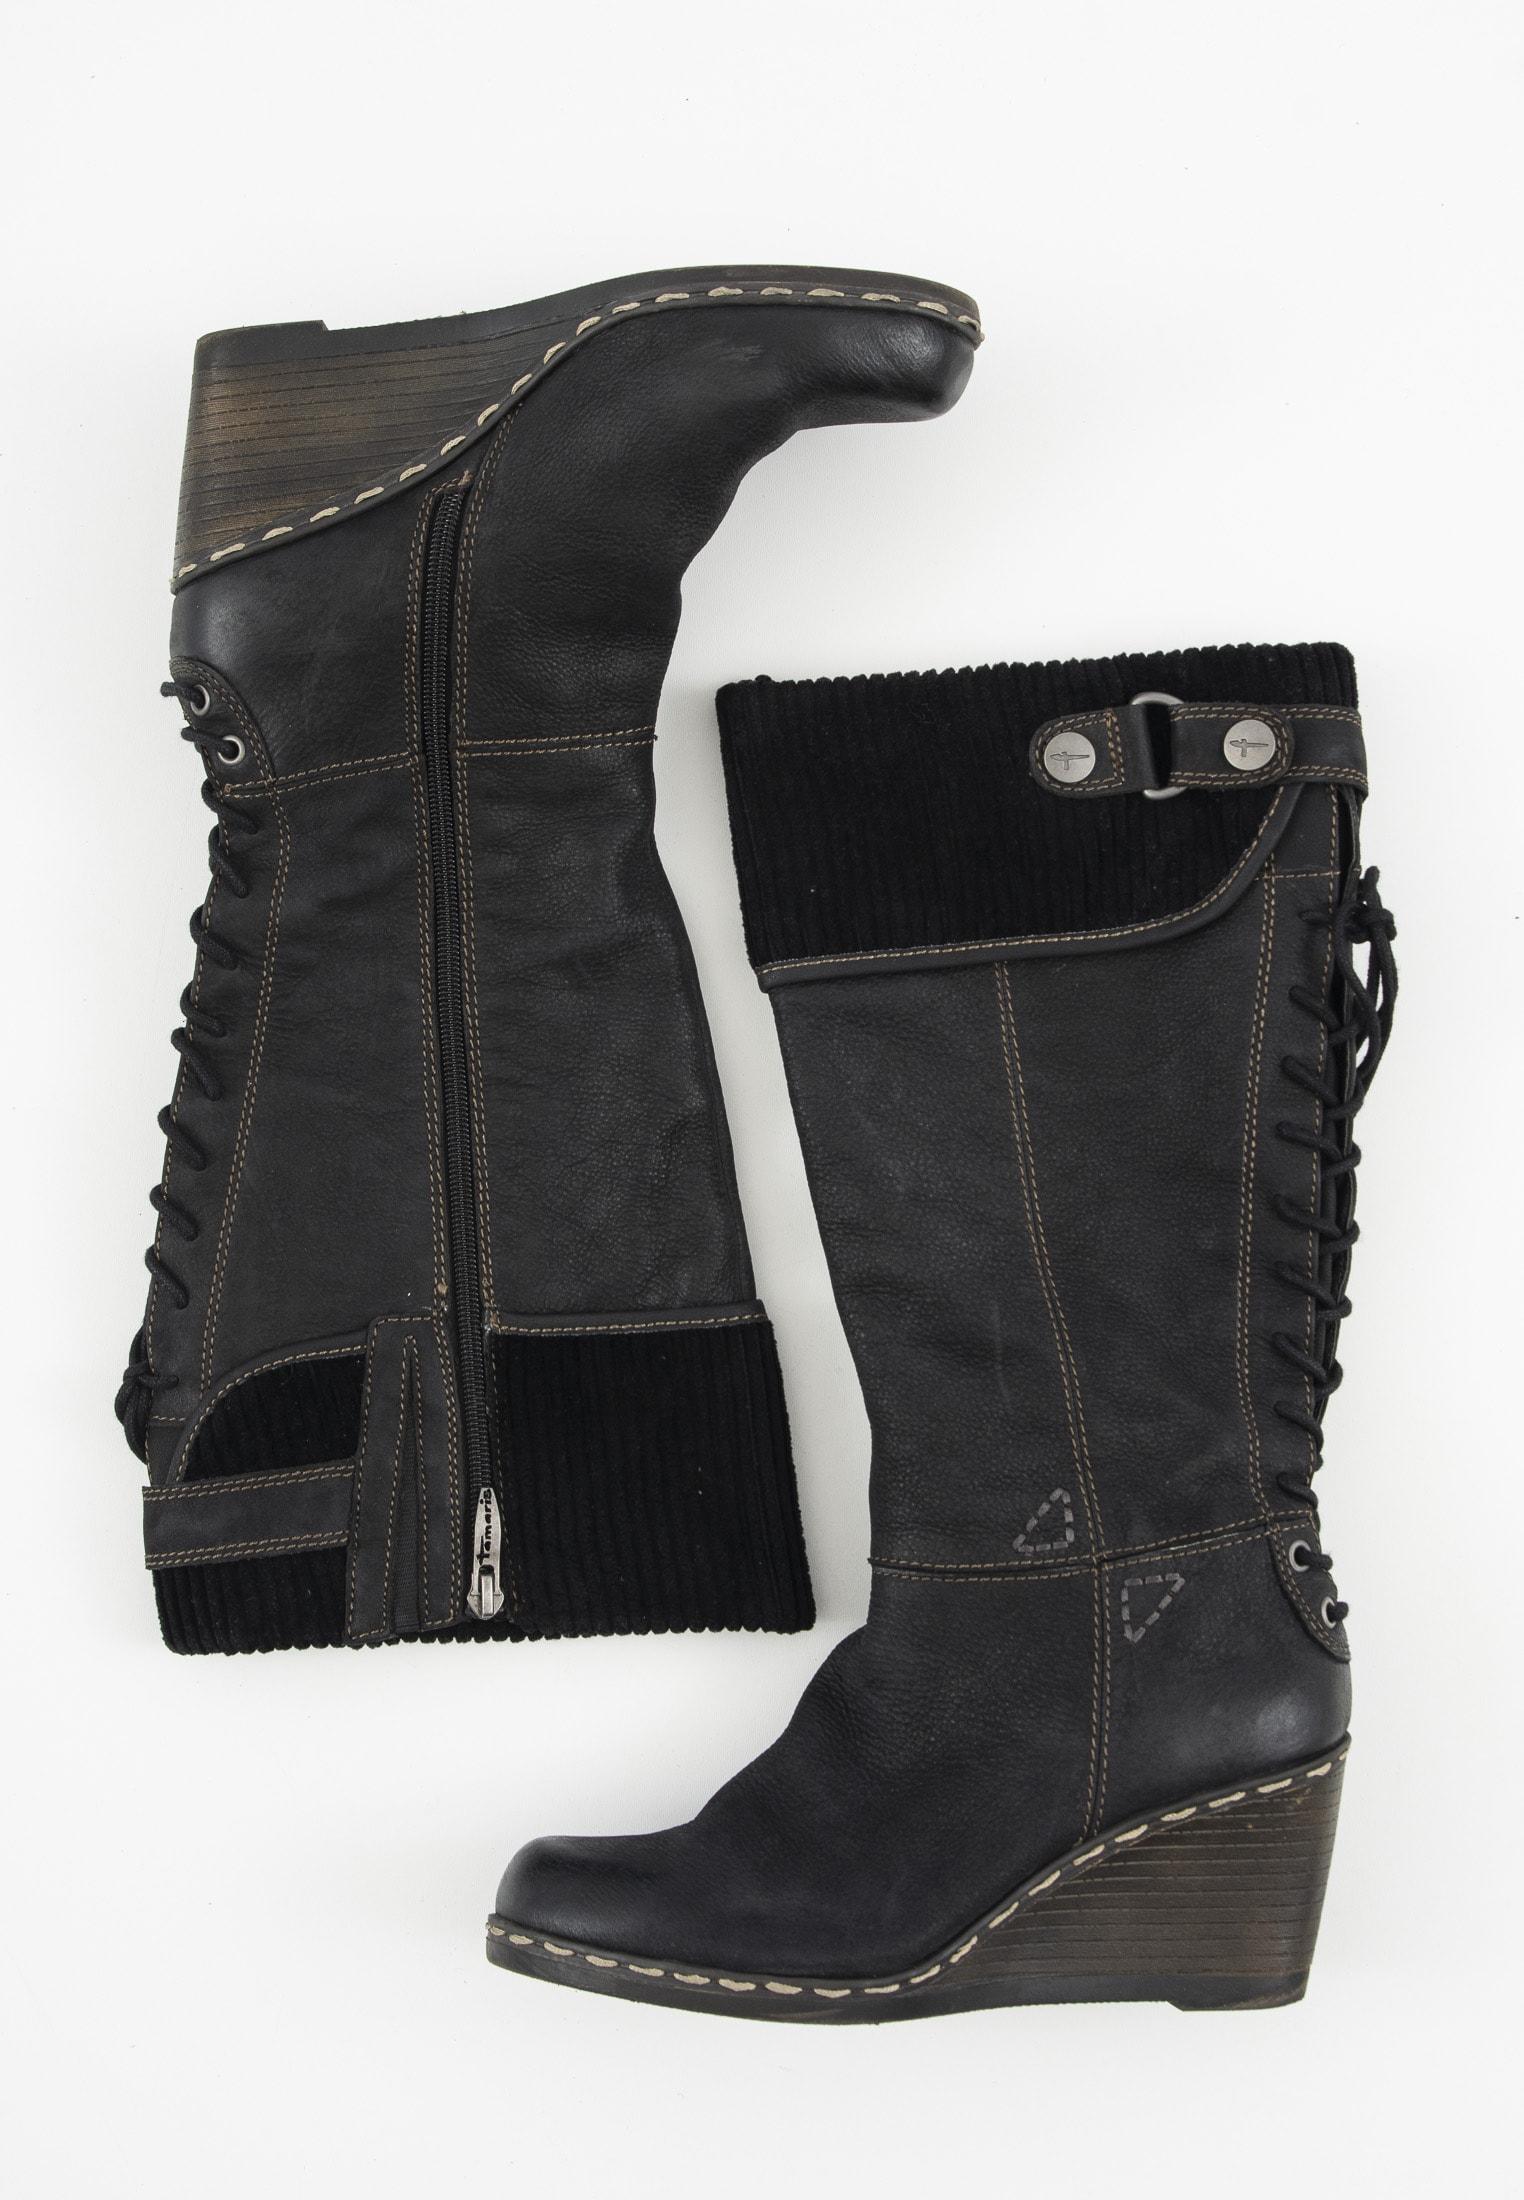 Tamaris Stiefel / Stiefelette / Boots Blau Gr.39